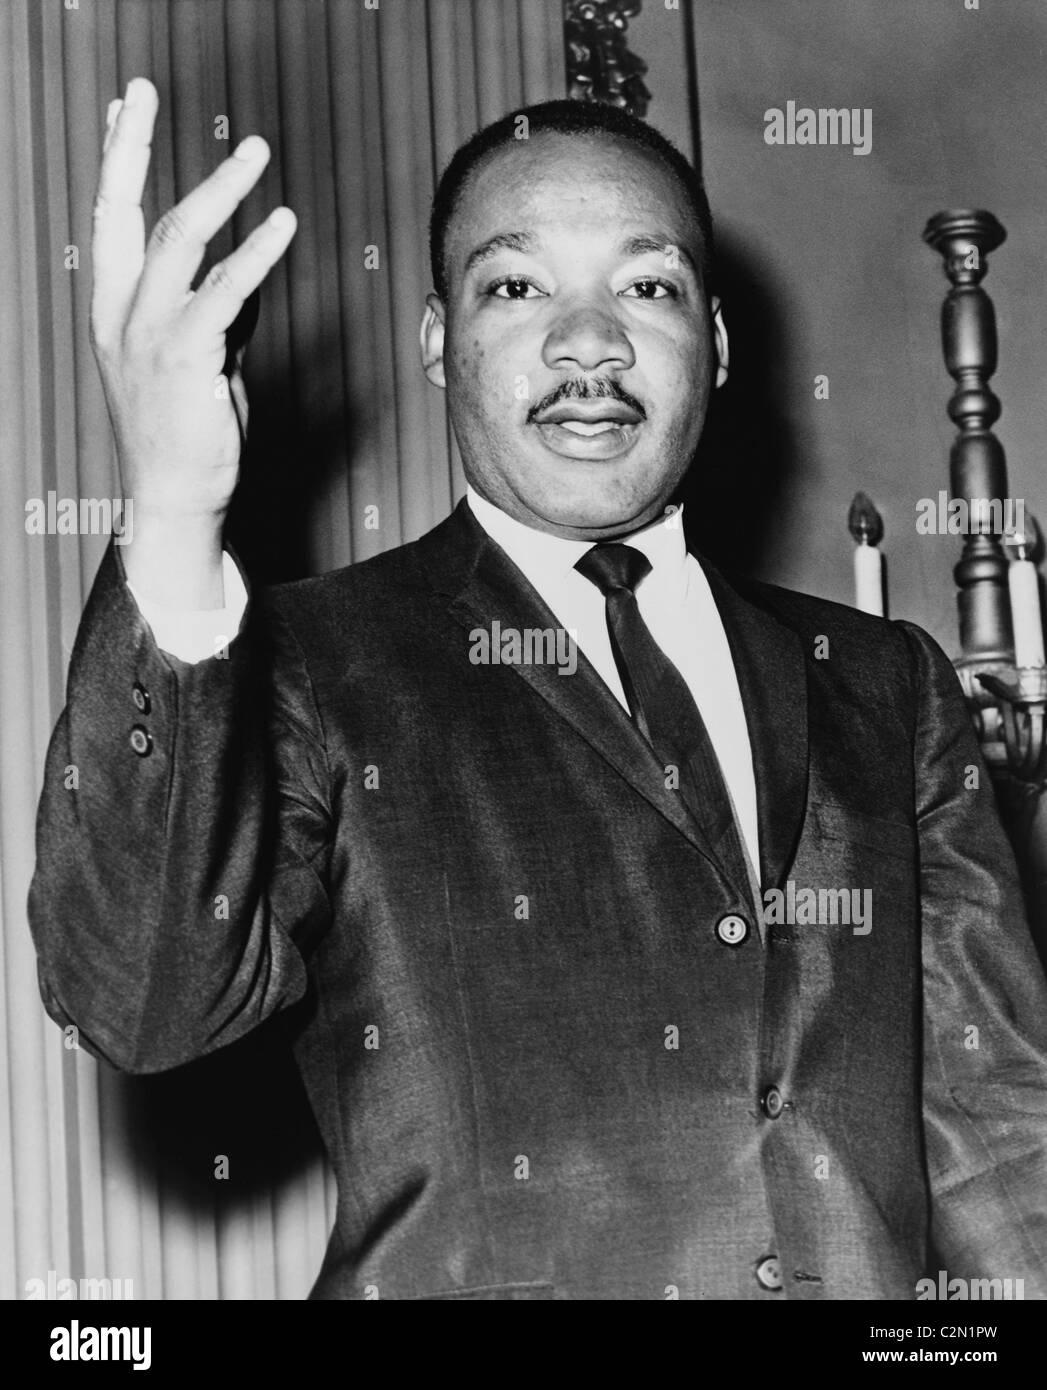 Il dott. Martin Luther King Jr. Foto Stock